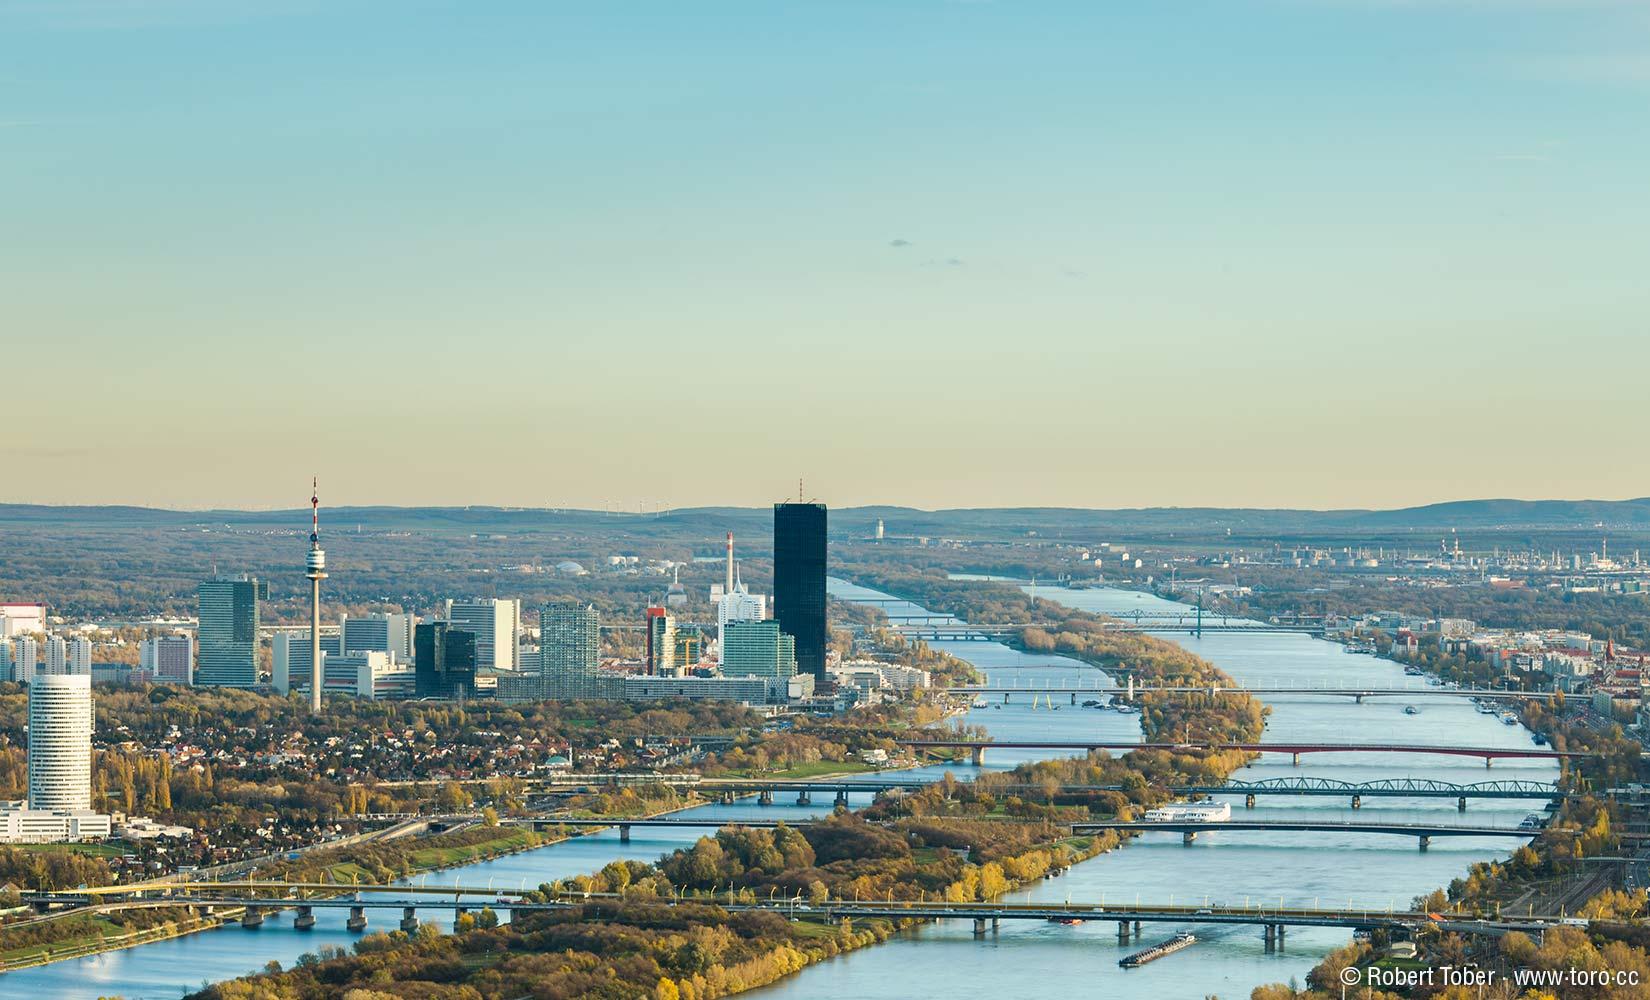 Donau City, Donau Park, die Donau mit der Donauinsel © Robert Tober